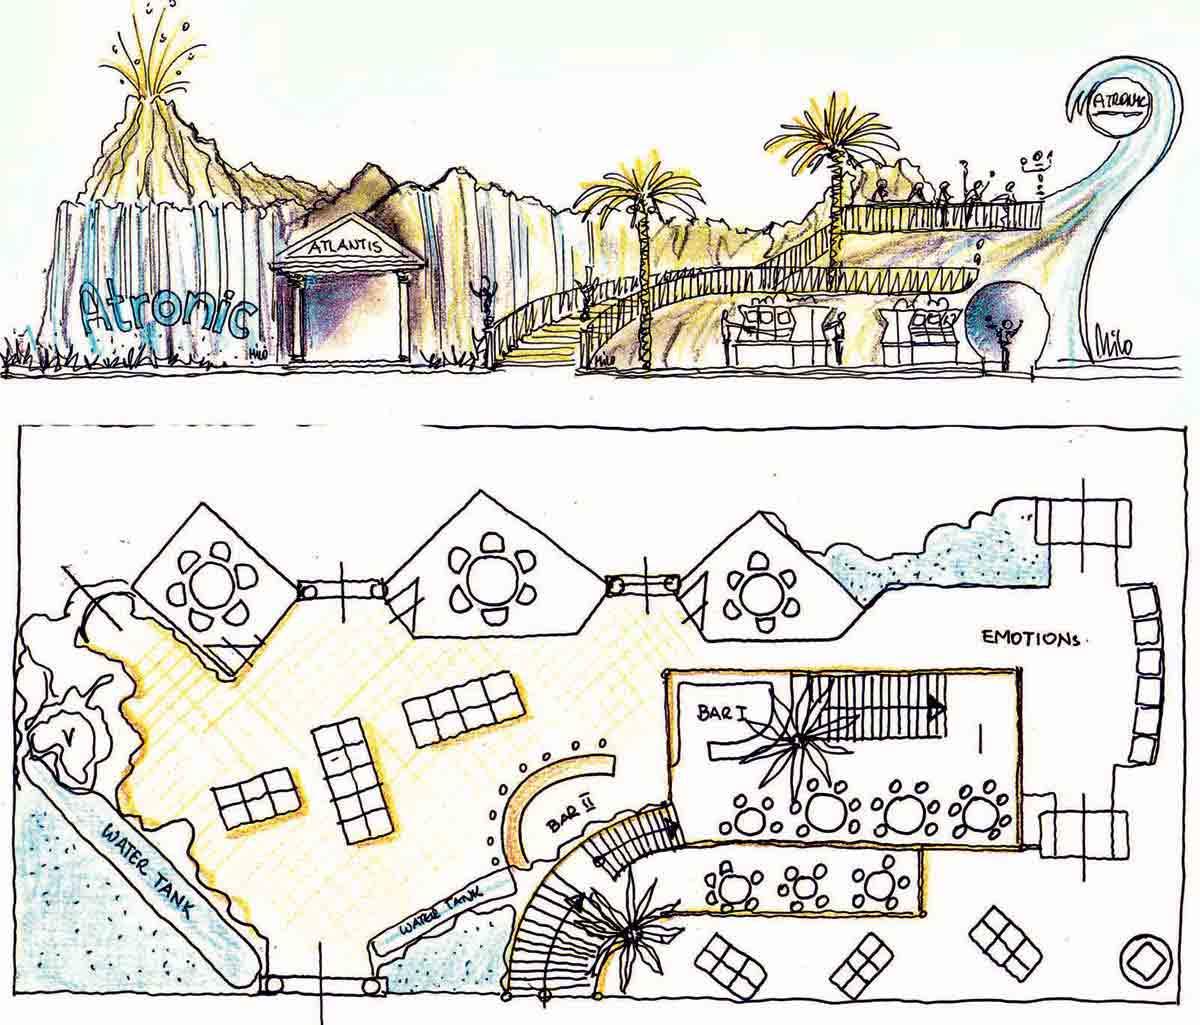 Atronic G2 Las Vegas Messestestand - Skizze für eine Themen Architektur Design Planung Milo